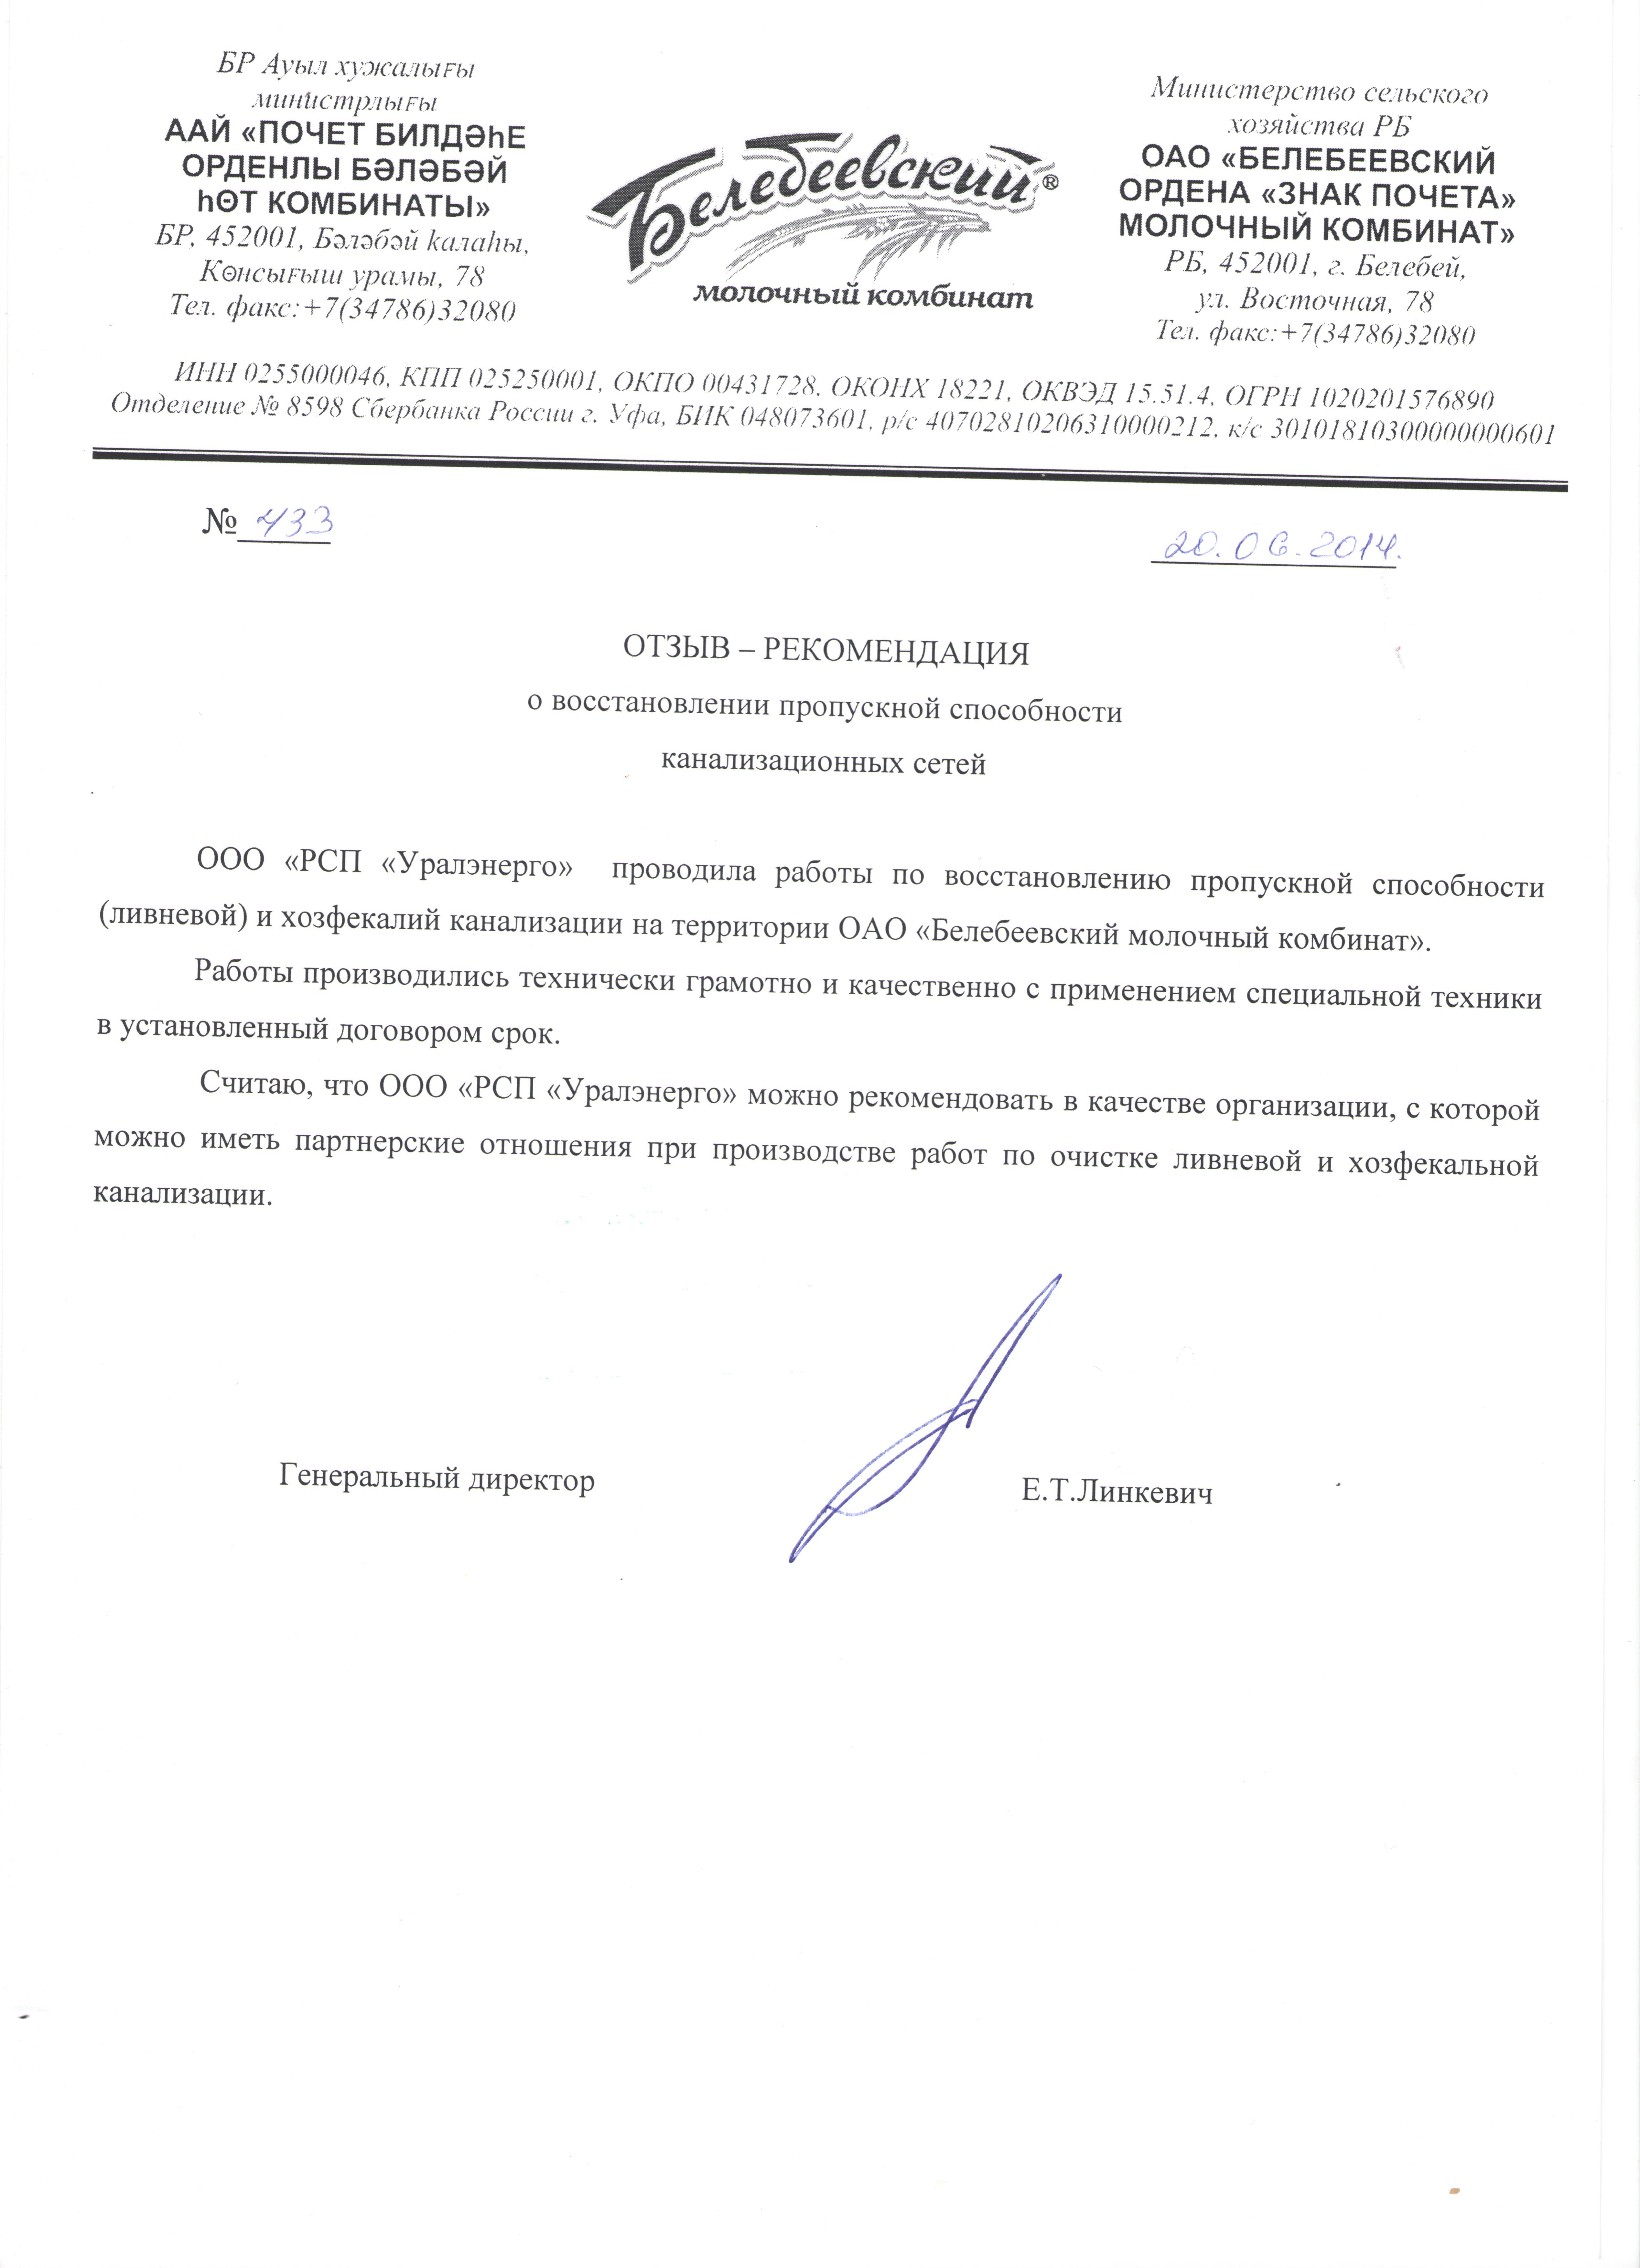 РСП Уралэнерго 1